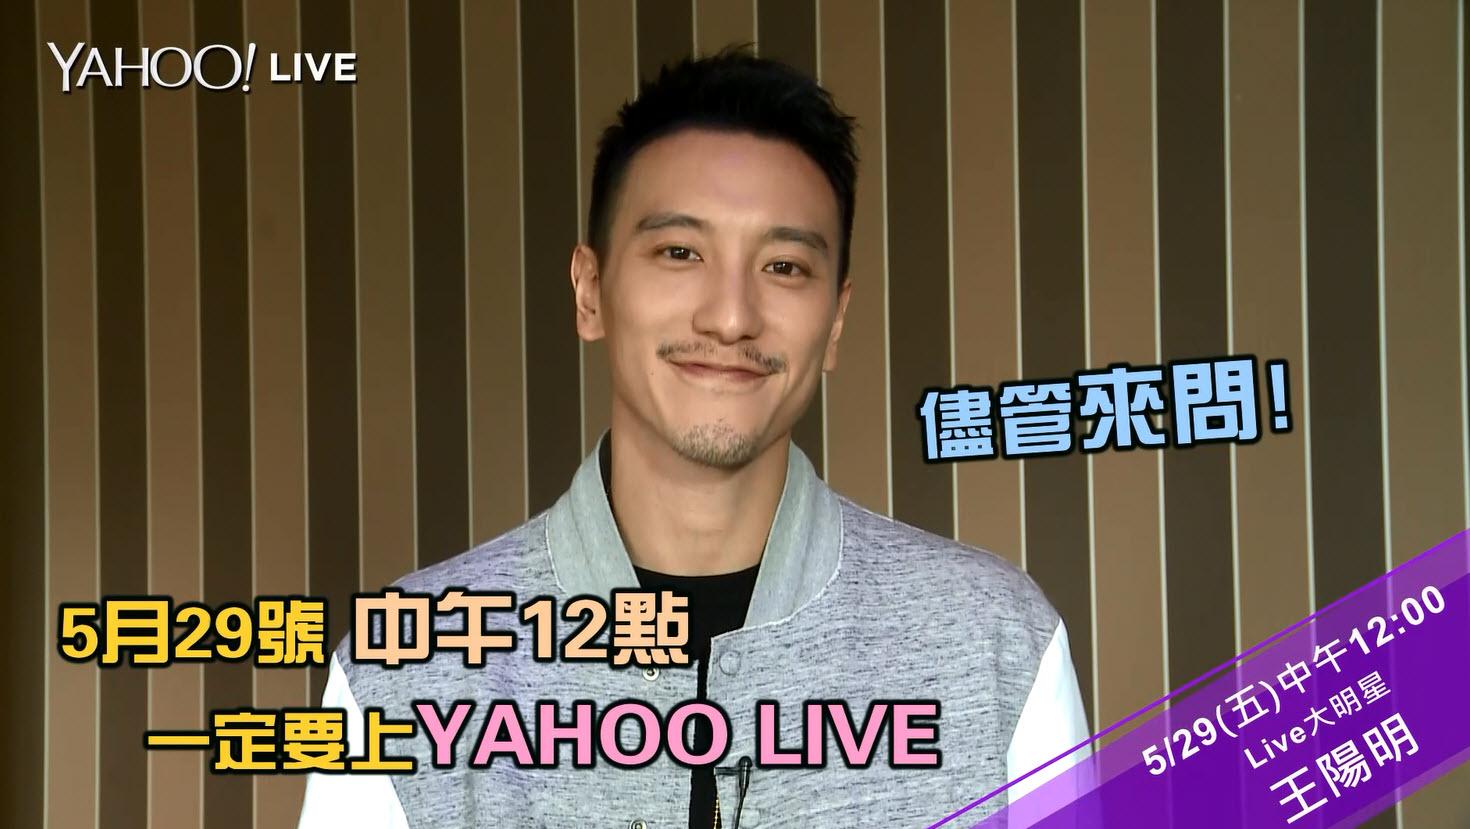 5/29(五) 王陽明在 Yahoo LIVE 接受你提問挑戰!